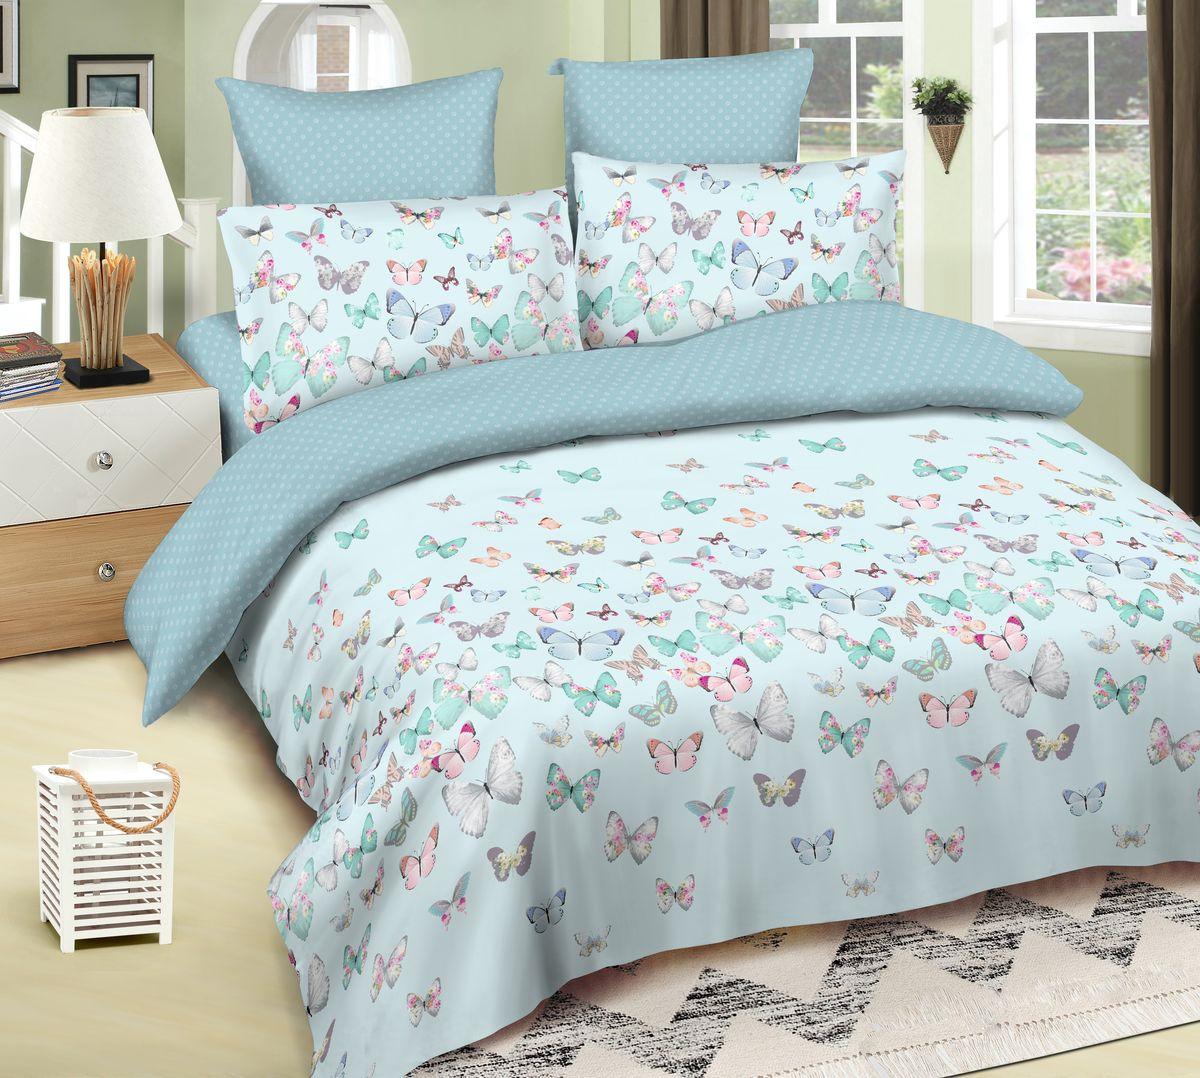 Комплект белья Amore Mio Gold Fiona, 5549, голубой, 2-спальный, наволочки 70x70